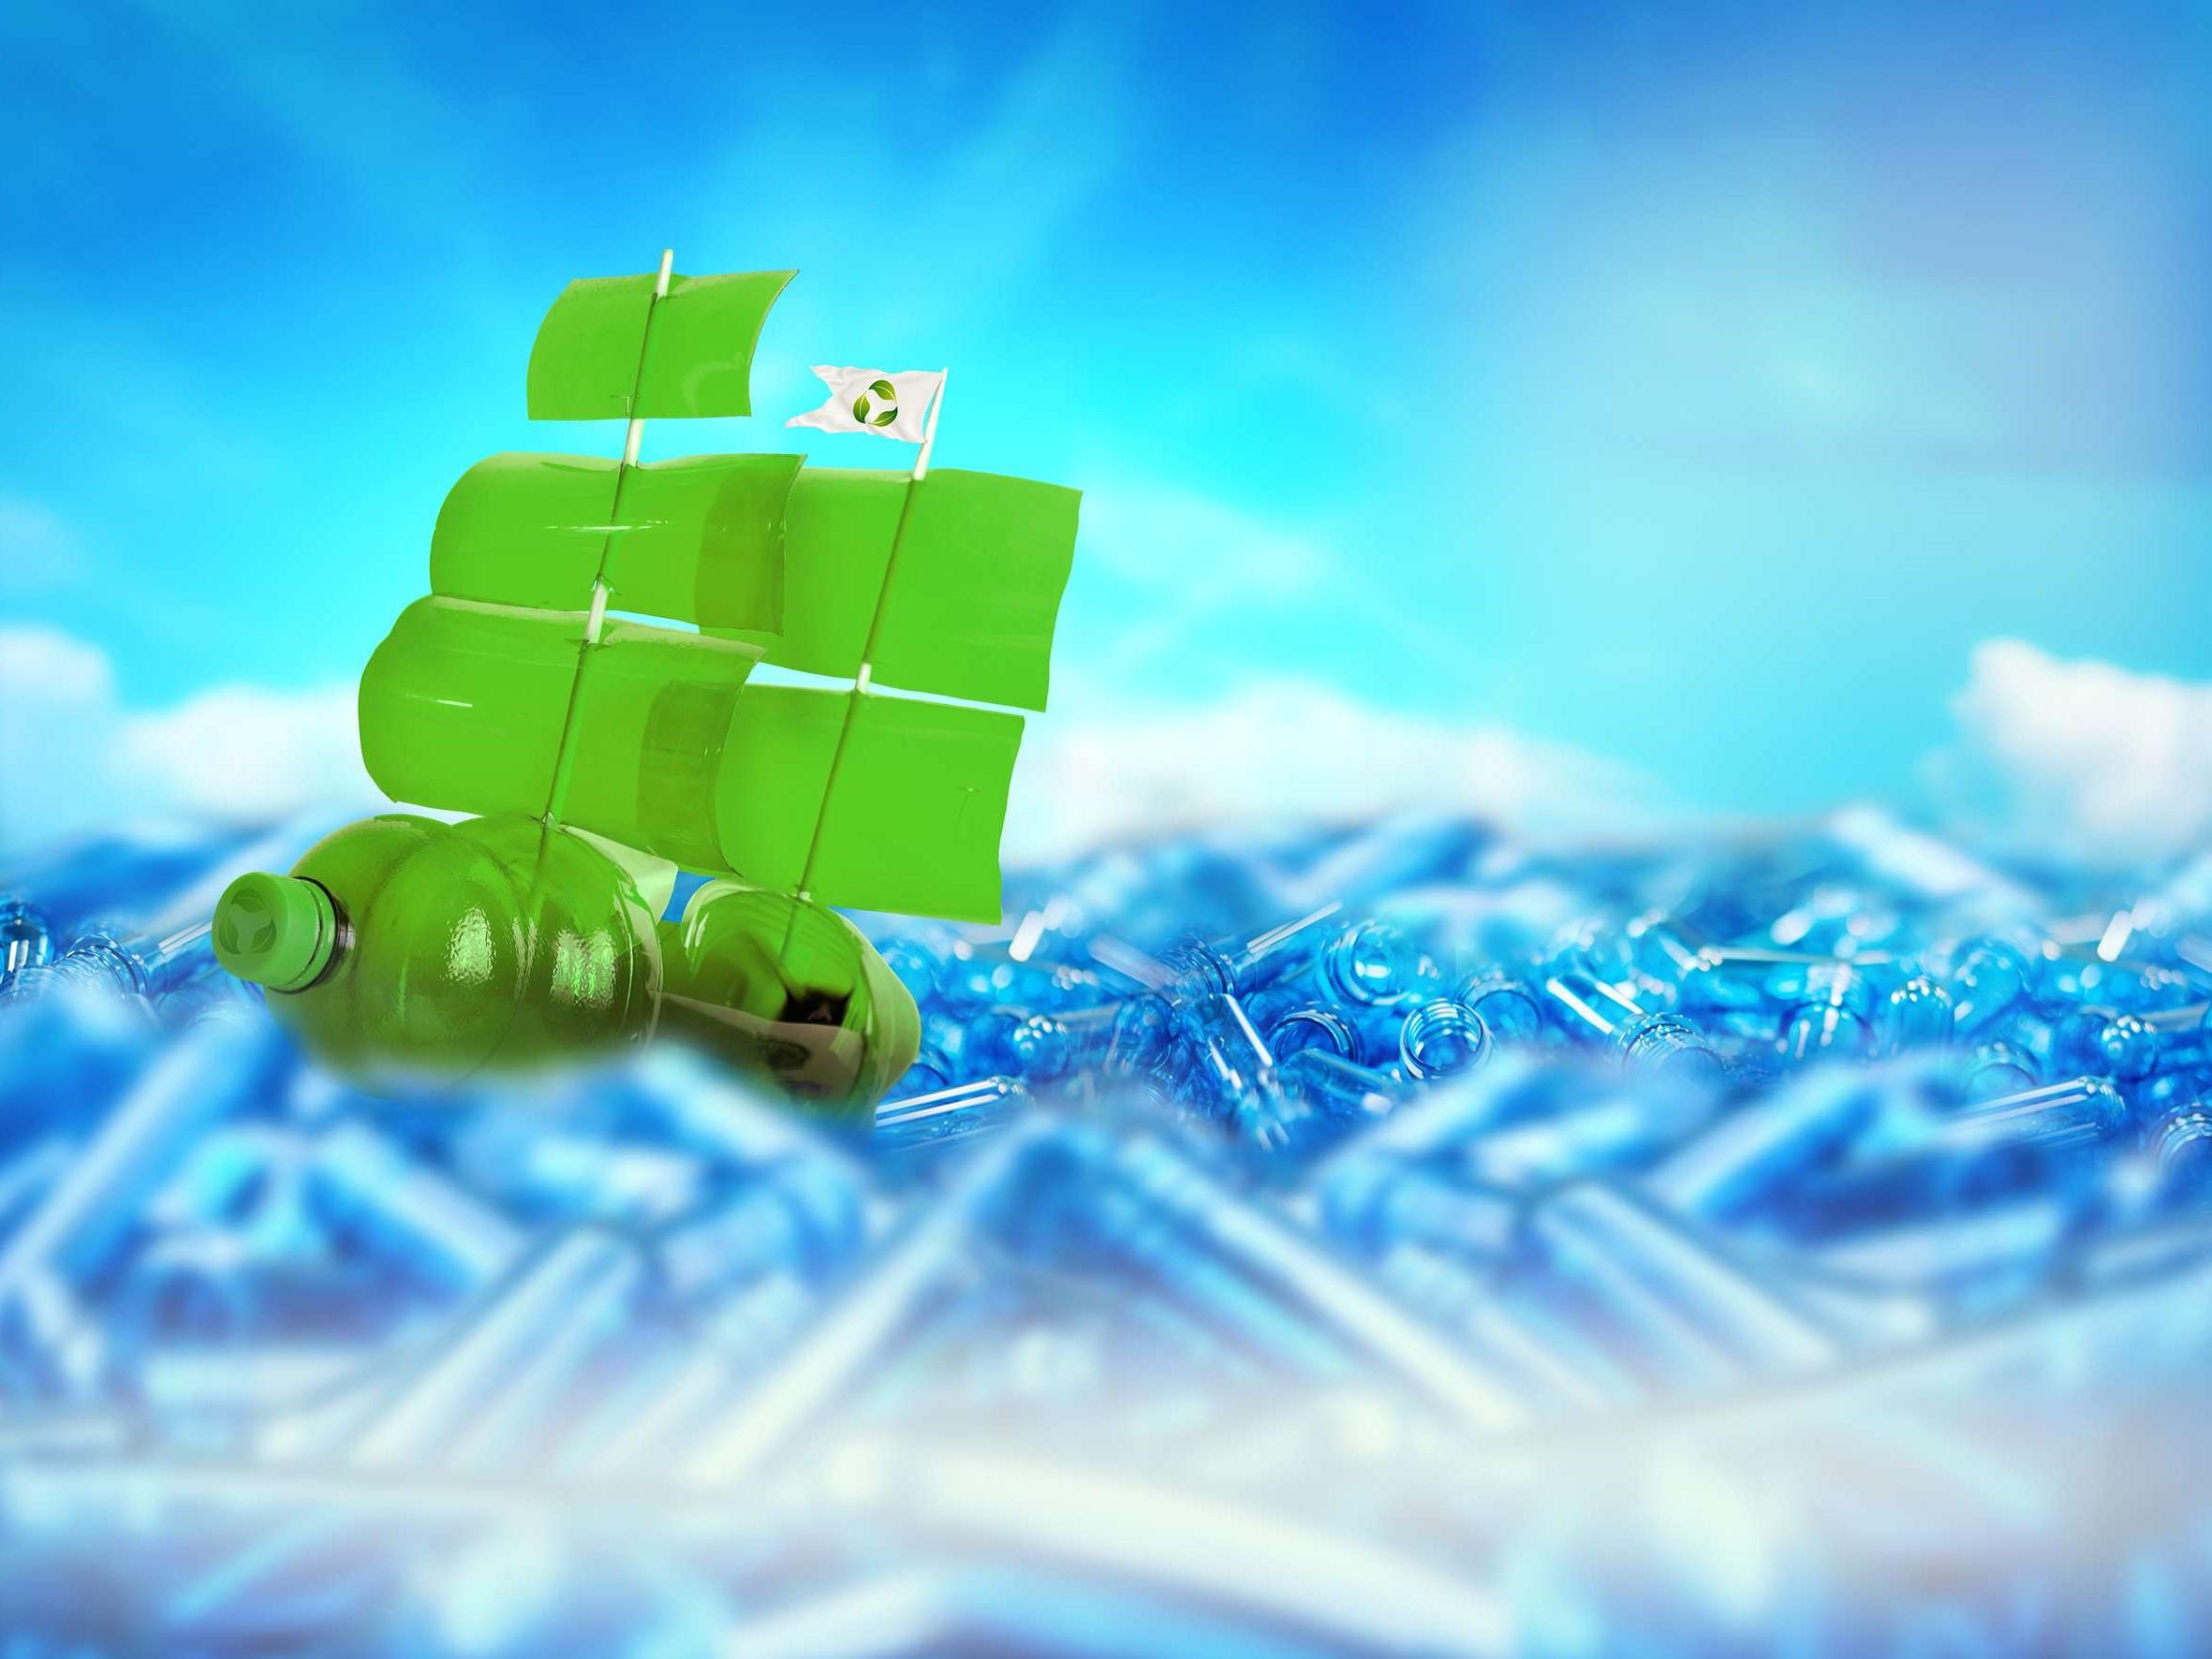 Bioplastic ship